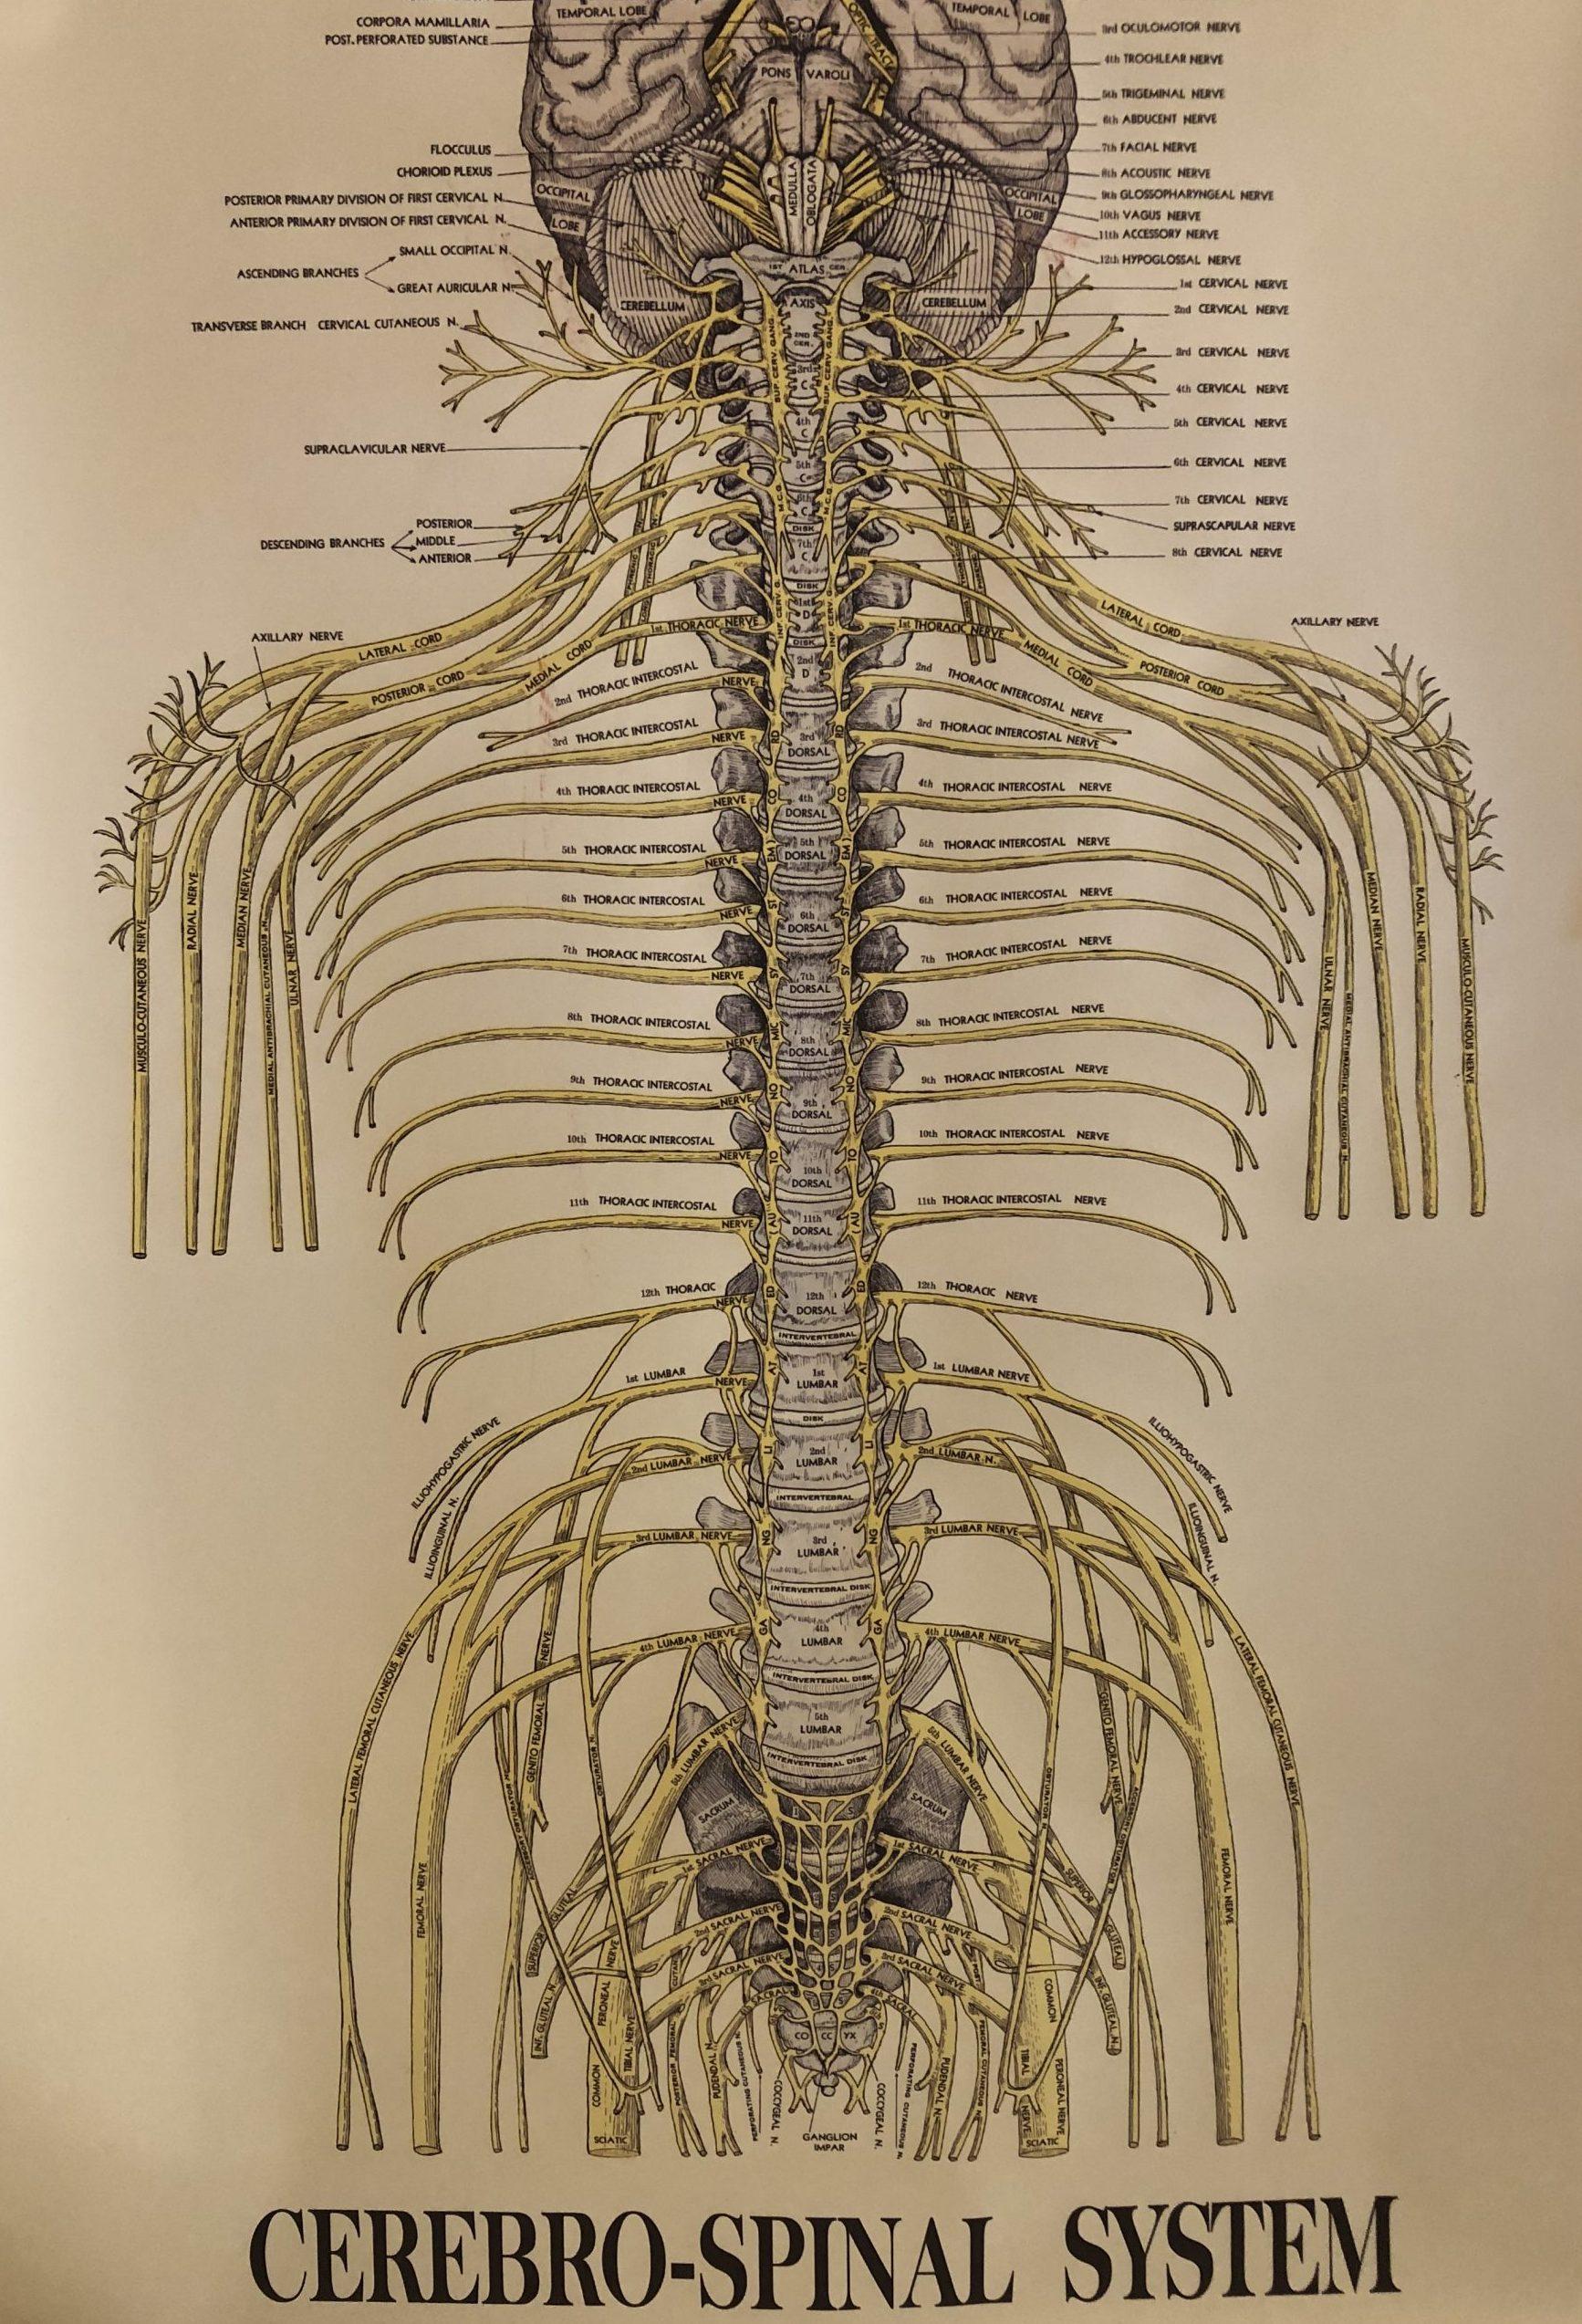 Die Wirbelsäule: Rückenmark und Nerven